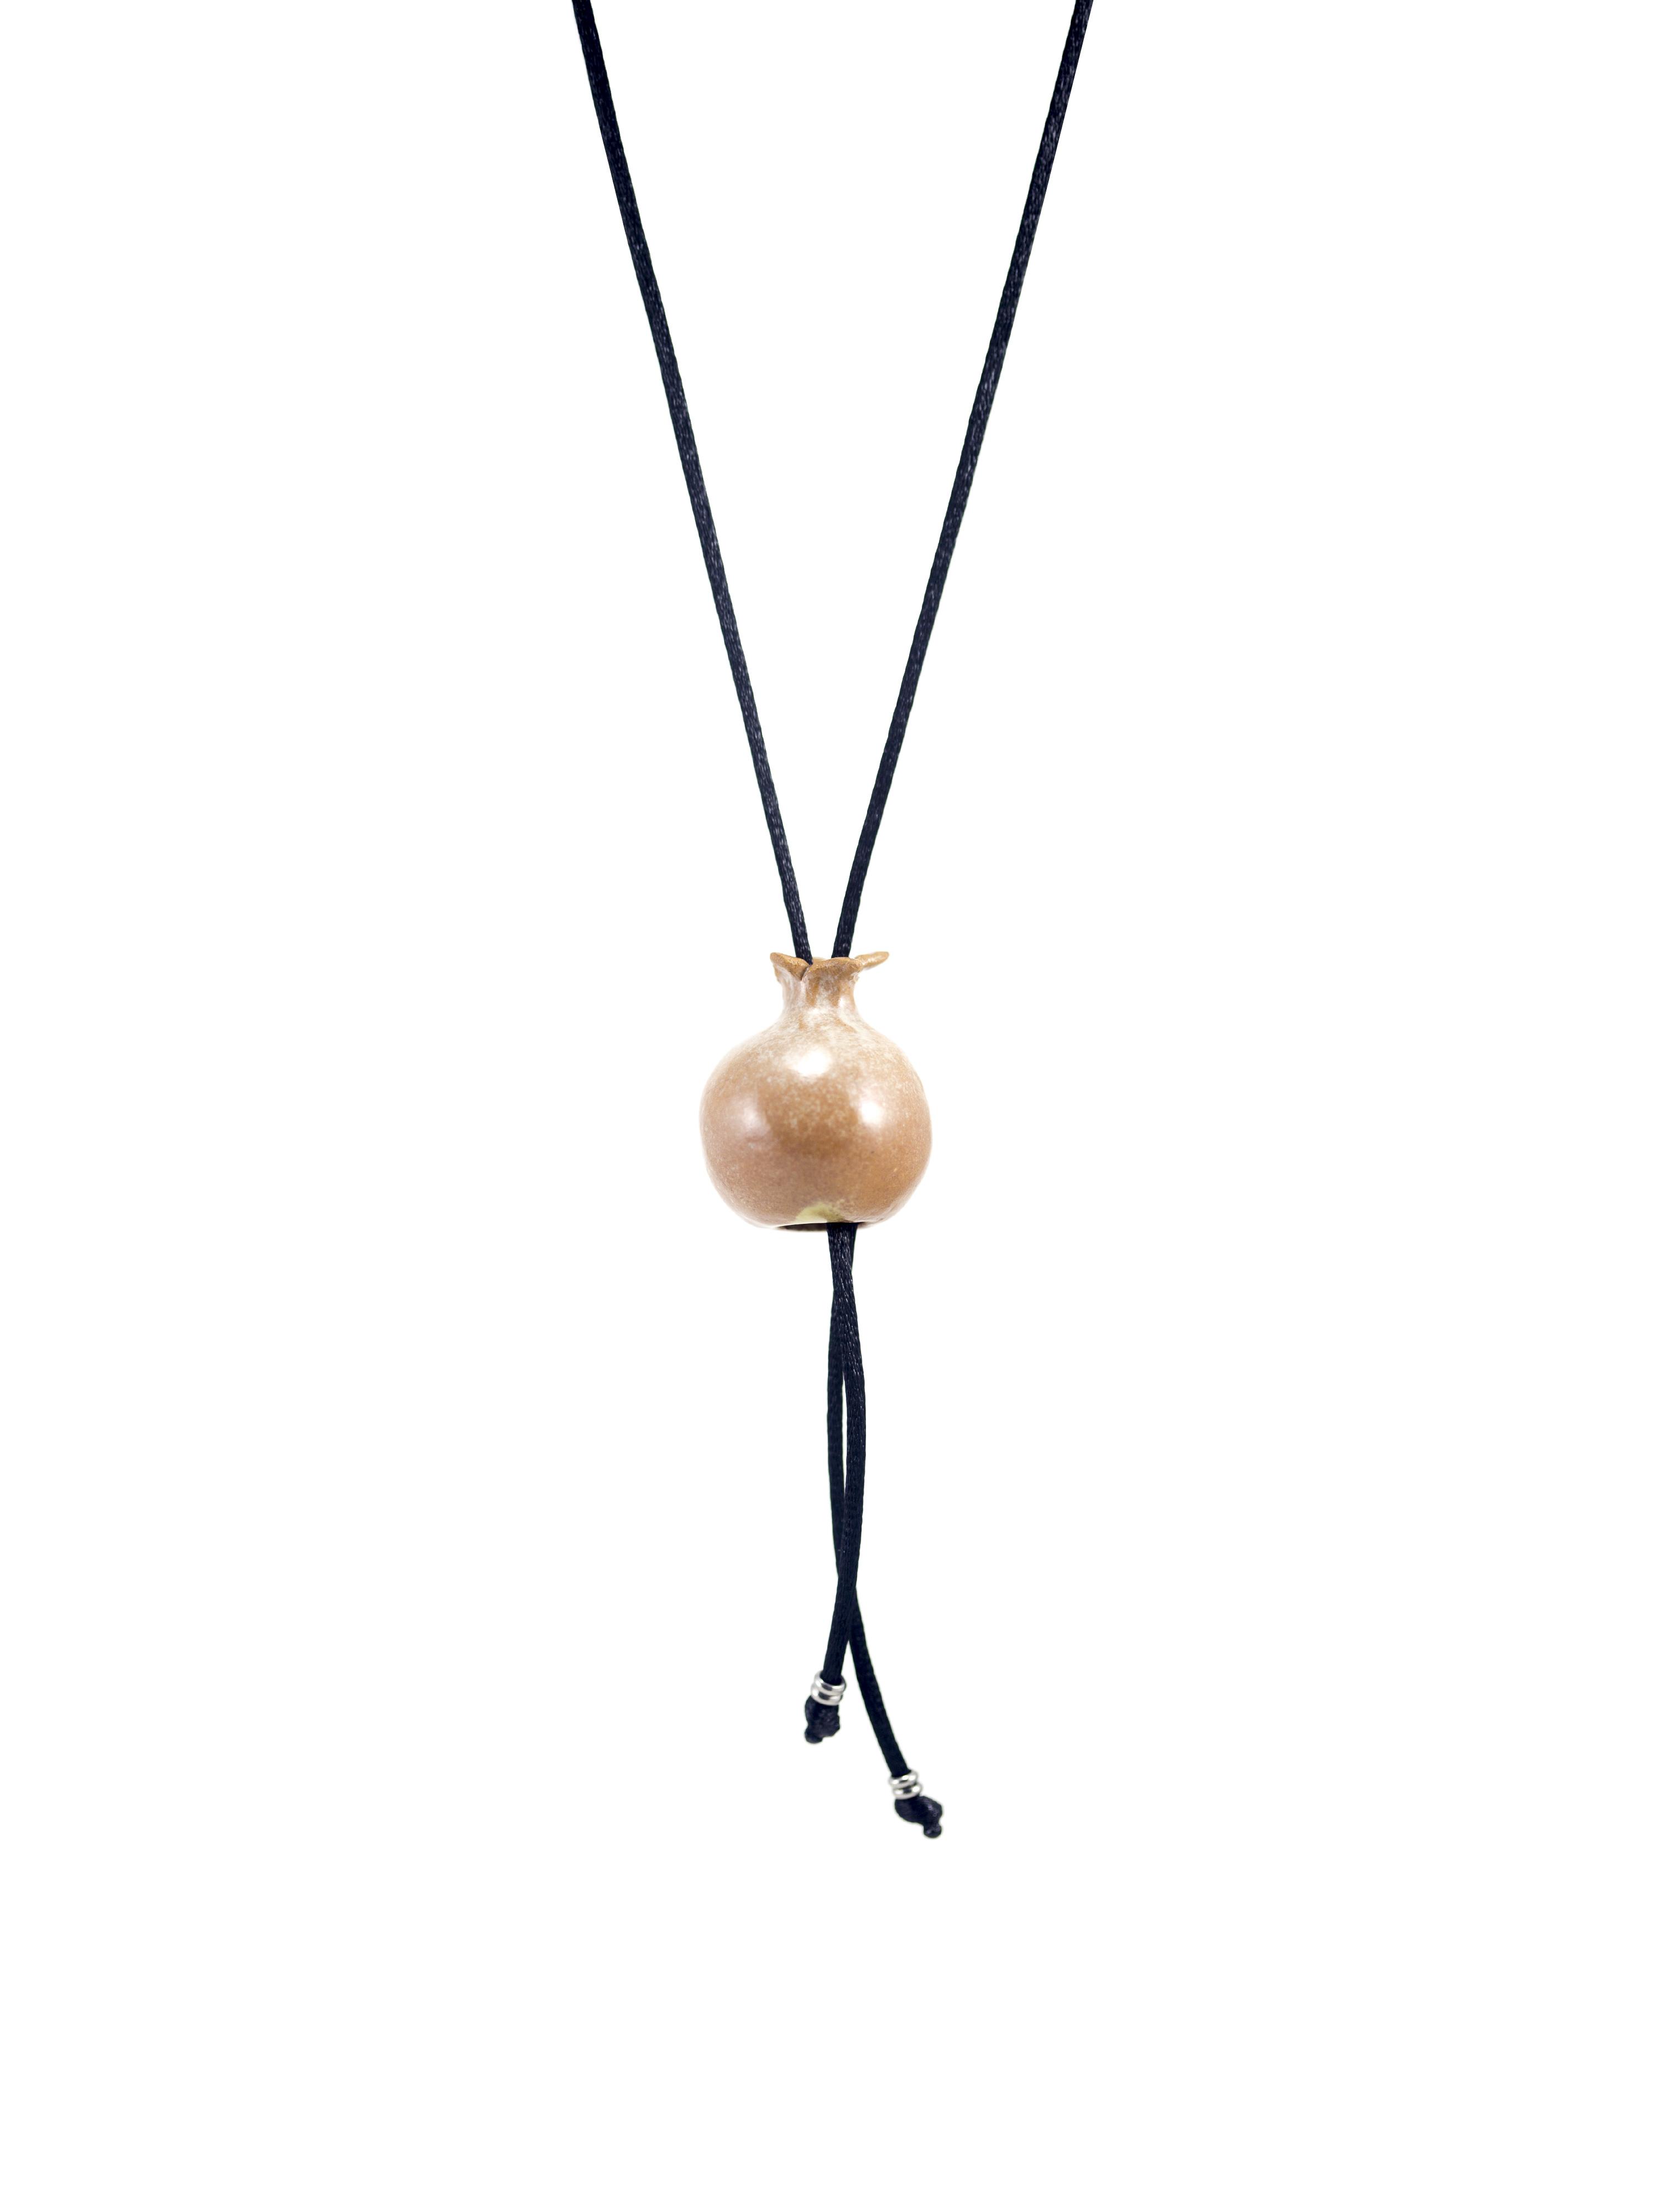 Immagine di mini melagrana gioiello portafortuna collana artigianato con ciondolo in ceramica fatto a mano a forma di piccola melagrana. Colore naturale, sfondo bianco.